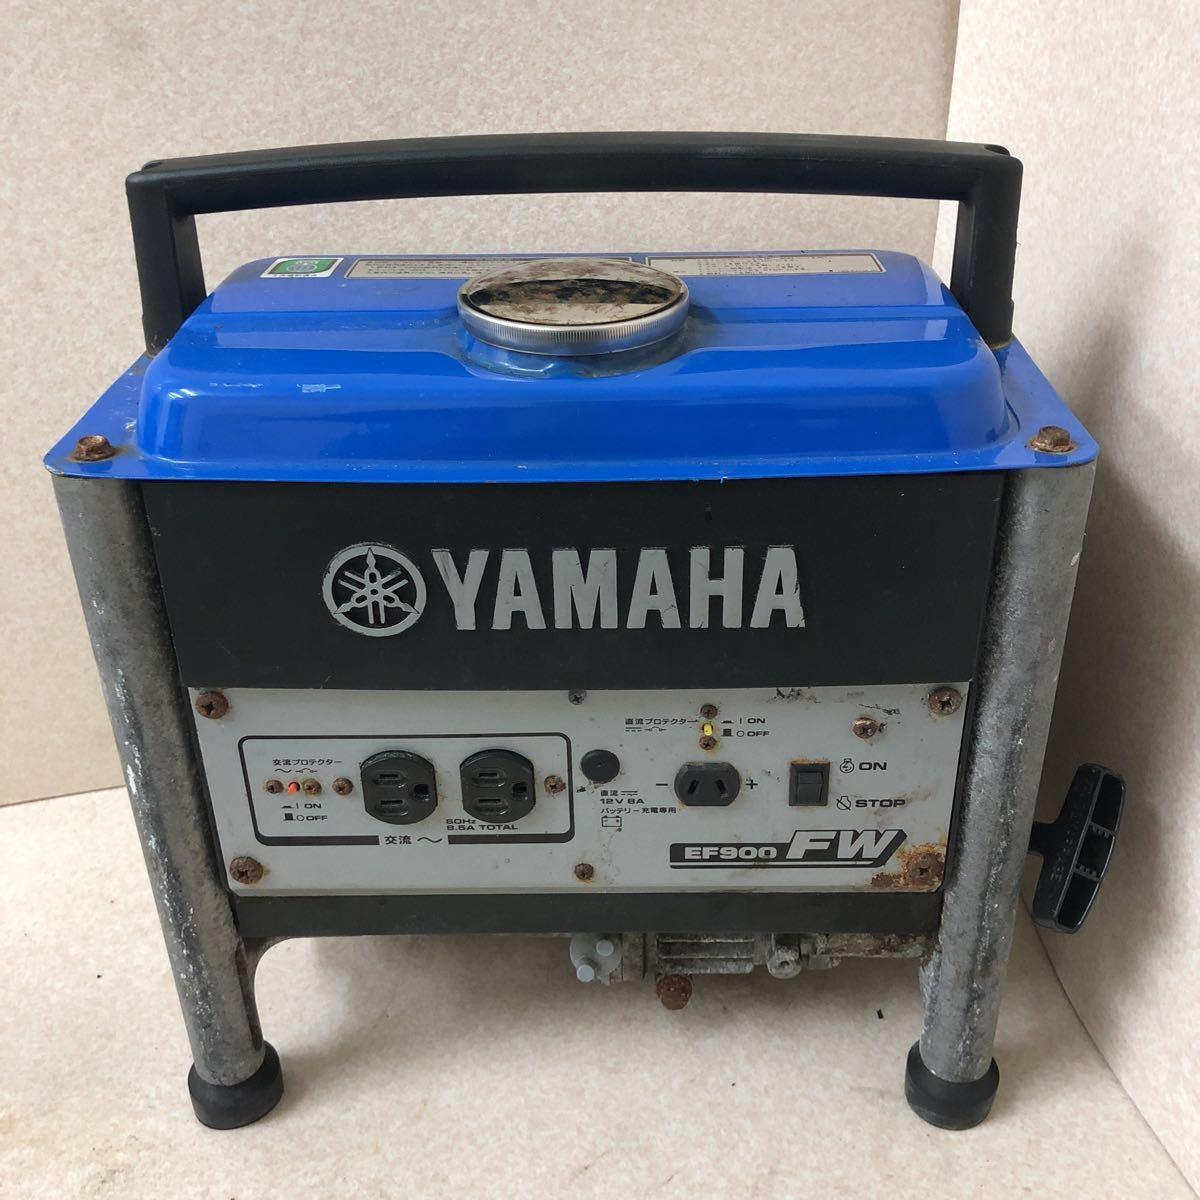 YAMAHA ヤマハ 発電機 EF900FW 動作確認済み